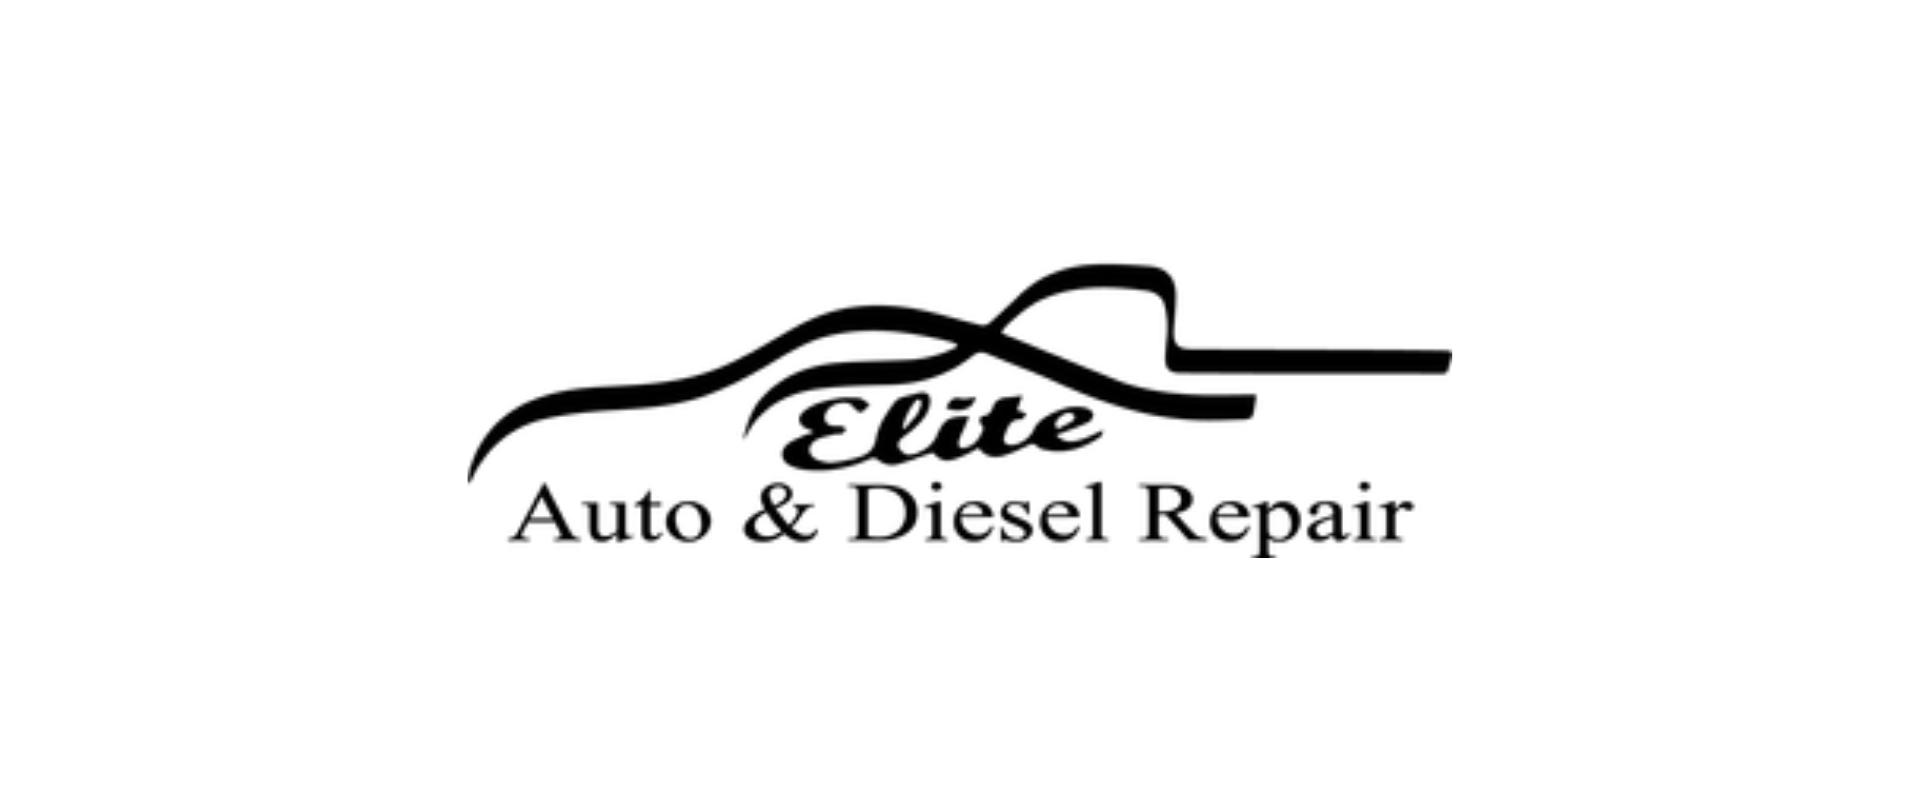 Elite Auto & Diesel Repair, Inc.